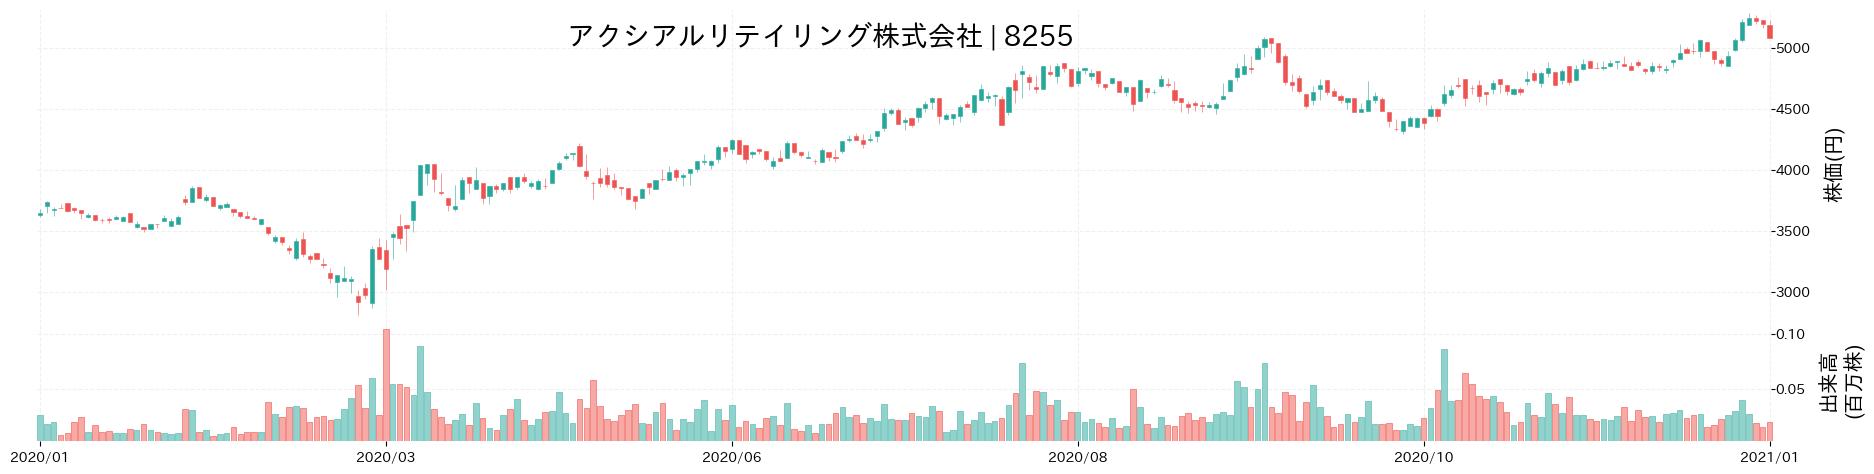 アクシアル リテイリング株式会社の株価推移(2020)